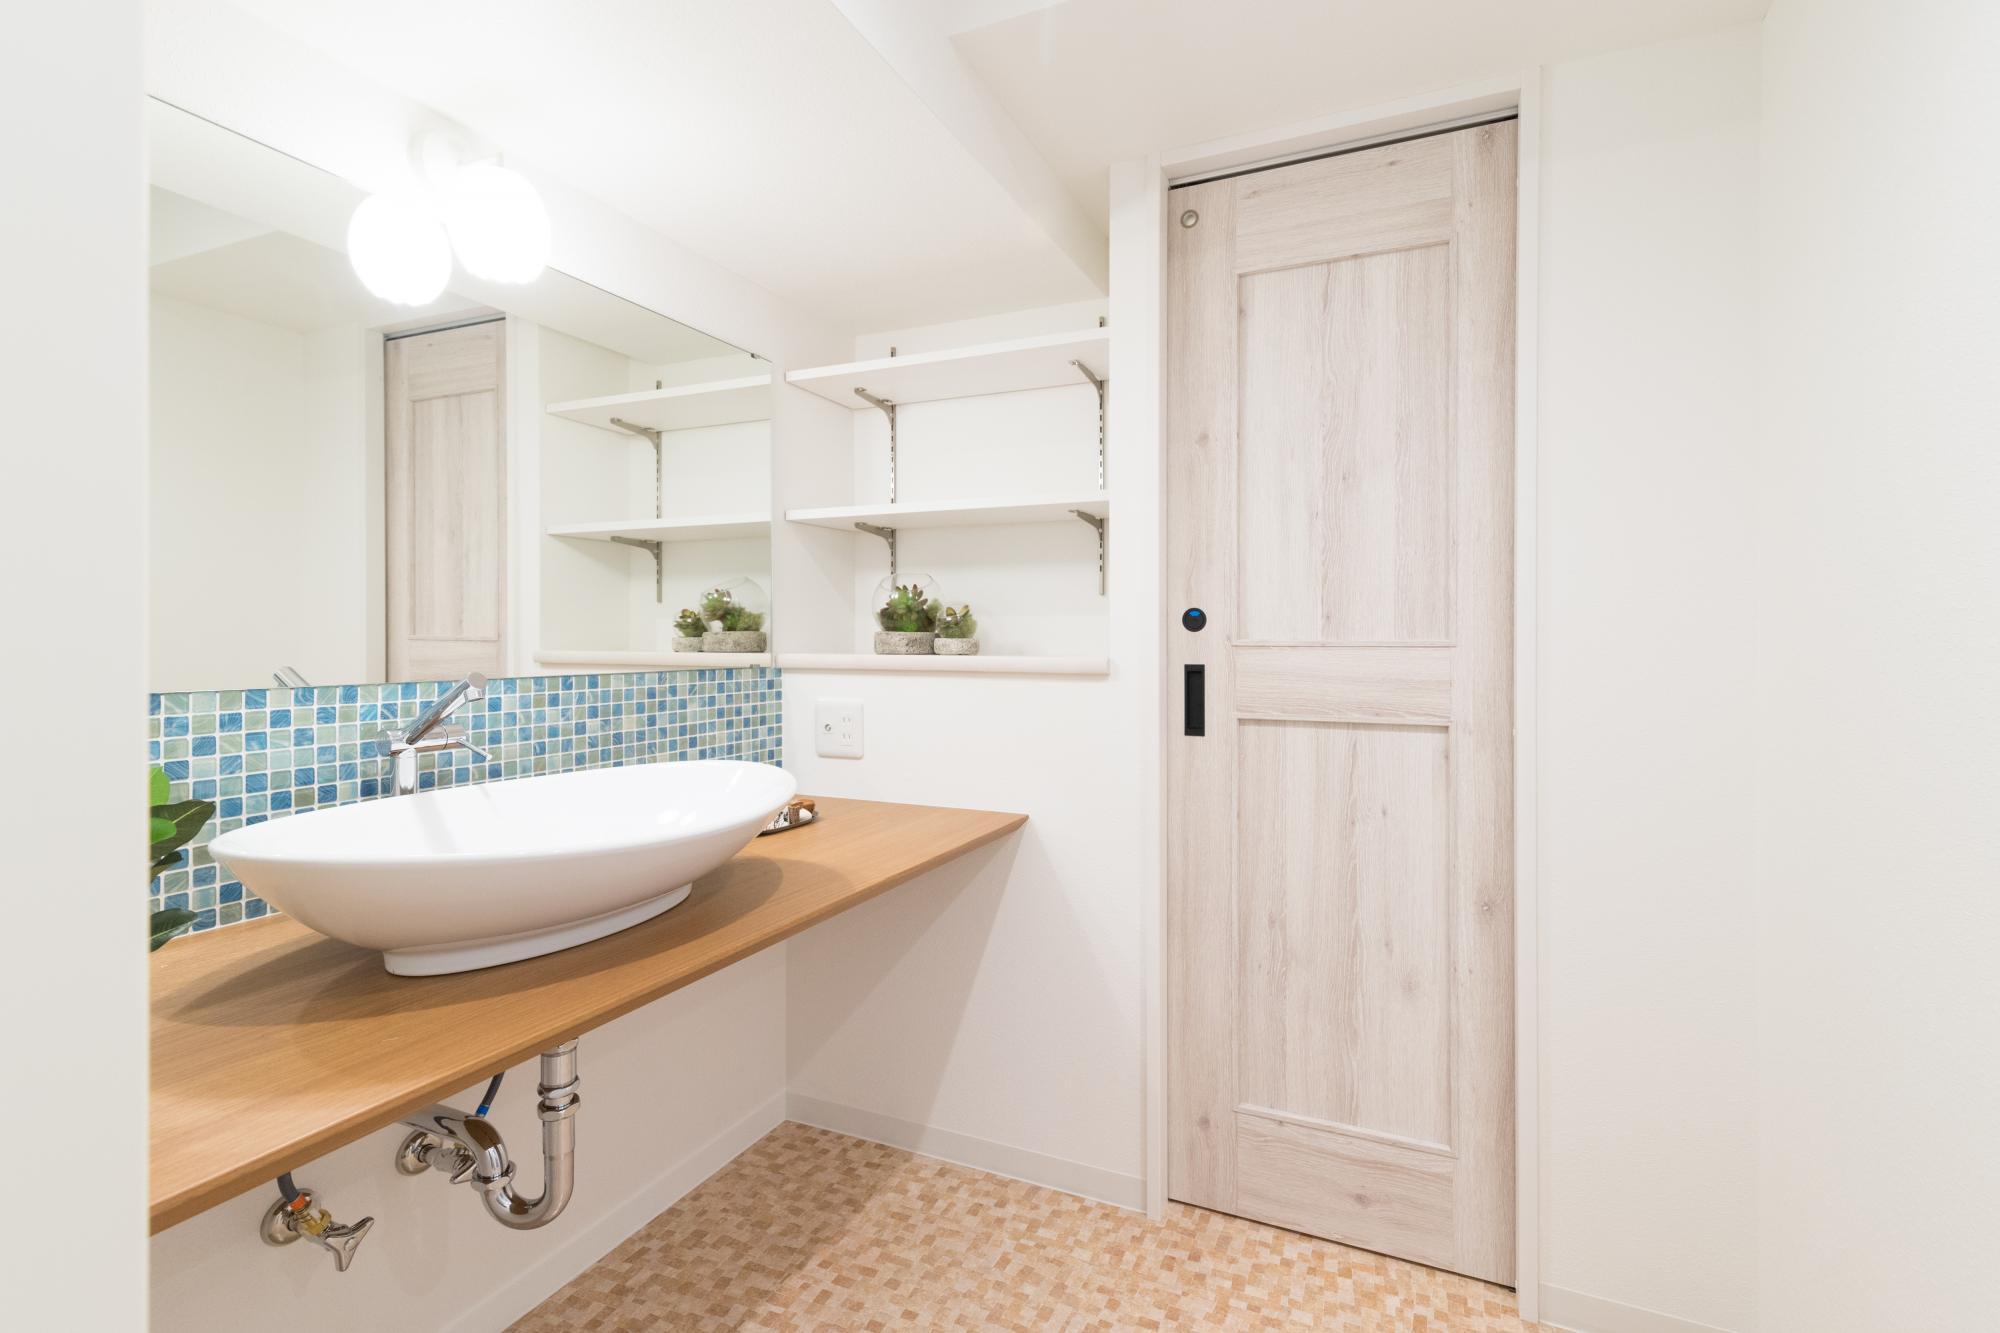 設計担当と何度も図面を作成し造り上げた洗面室。特注の大きな鏡や寒色のモザイクタイル、白の洗面ボウルなど随所にこだわりました。